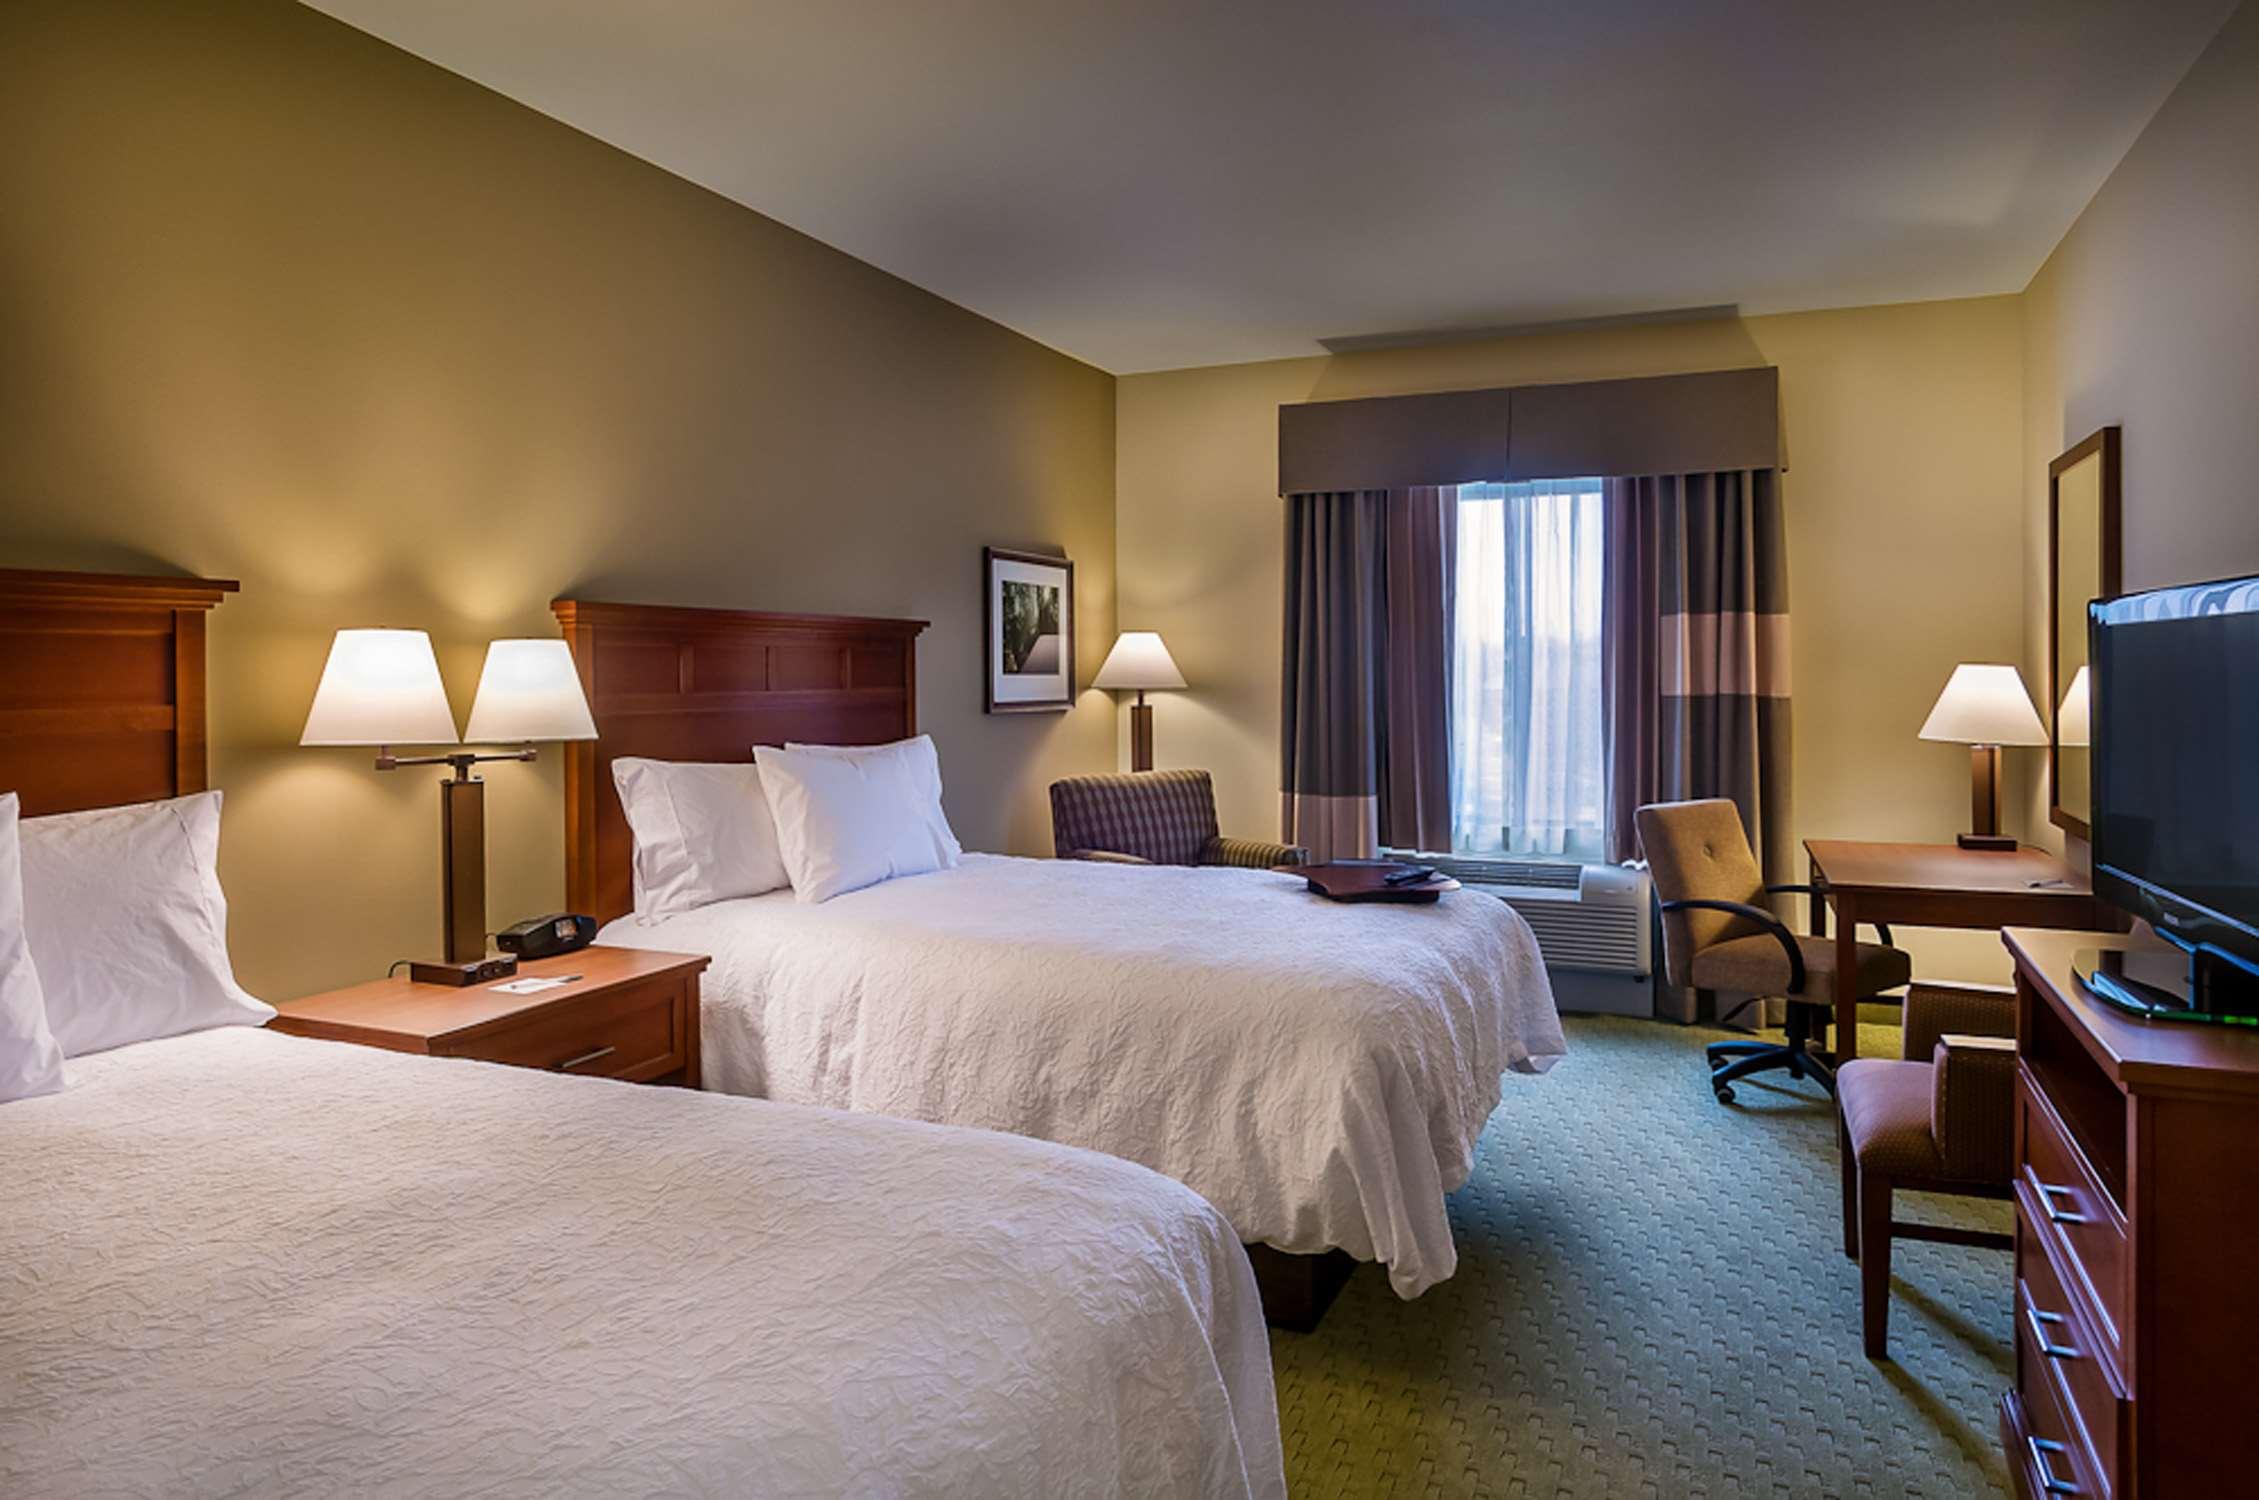 Hampton Inn & Suites Salem image 8